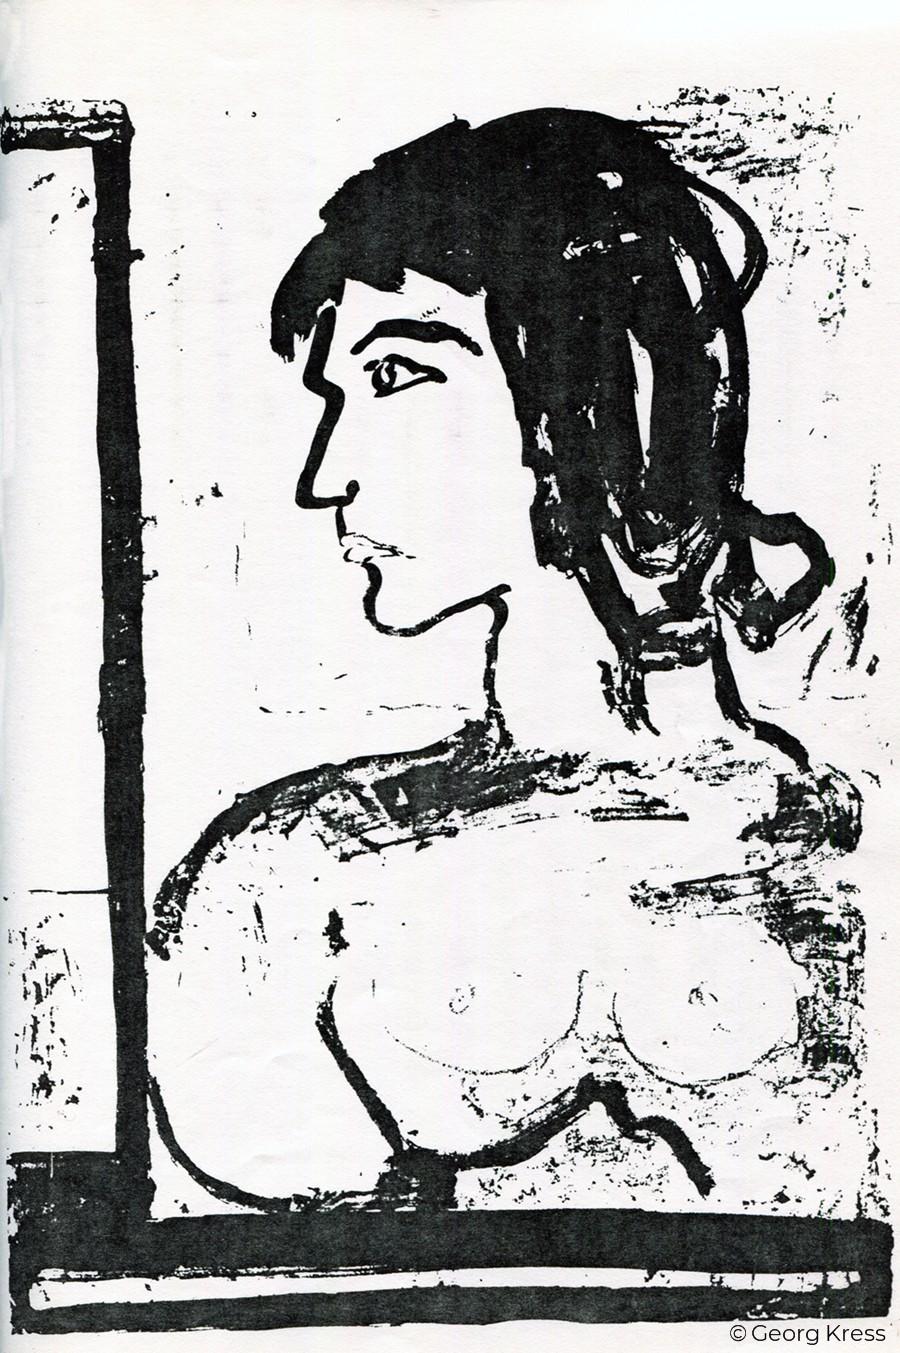 Junge Frau III. 1980. Tusche auf Papier.